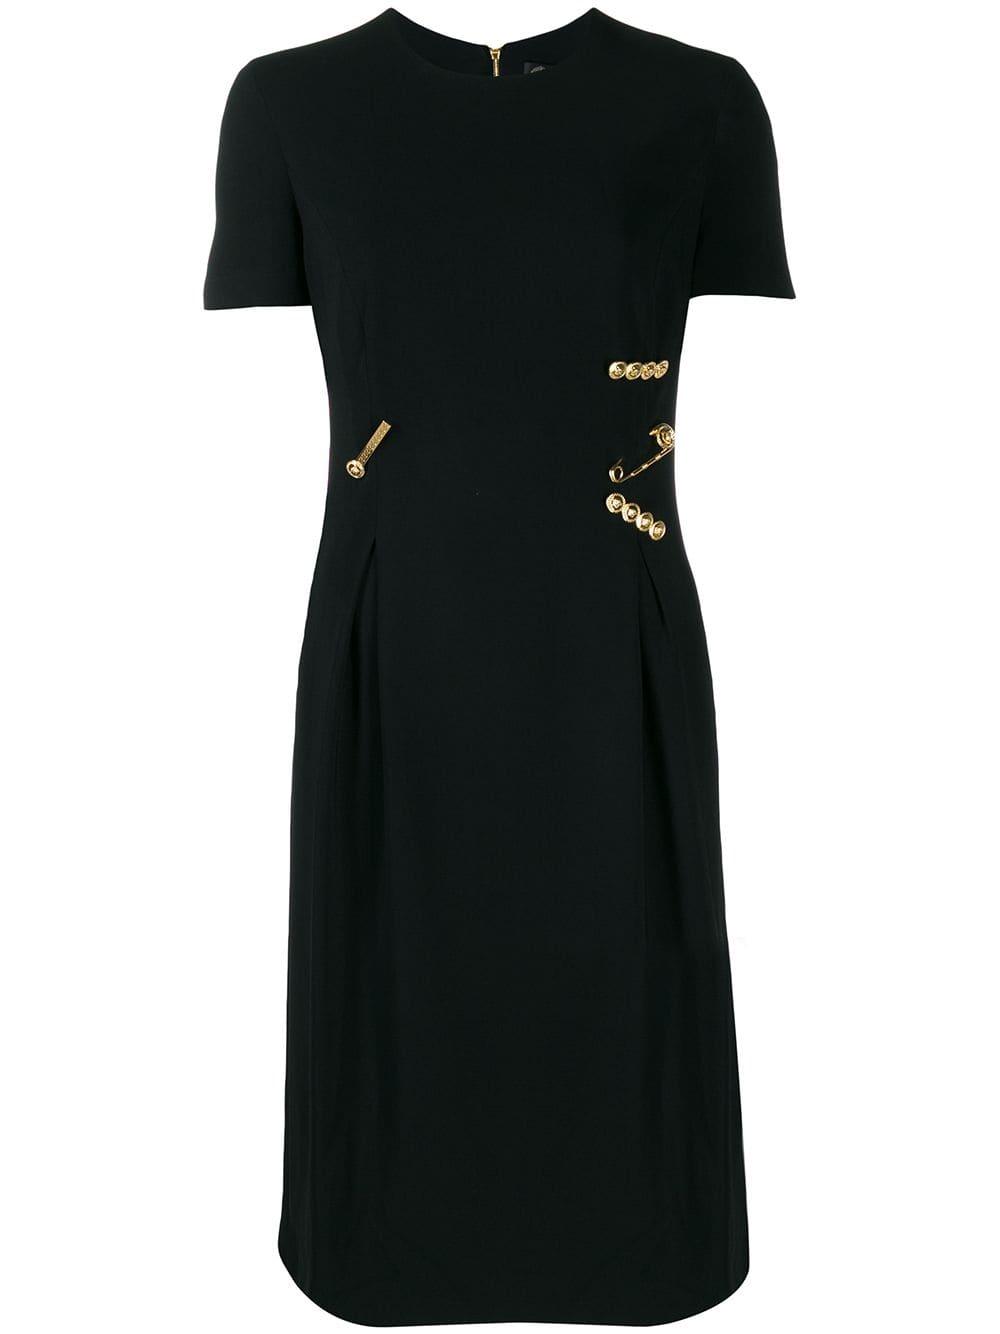 Versace S & s Dress